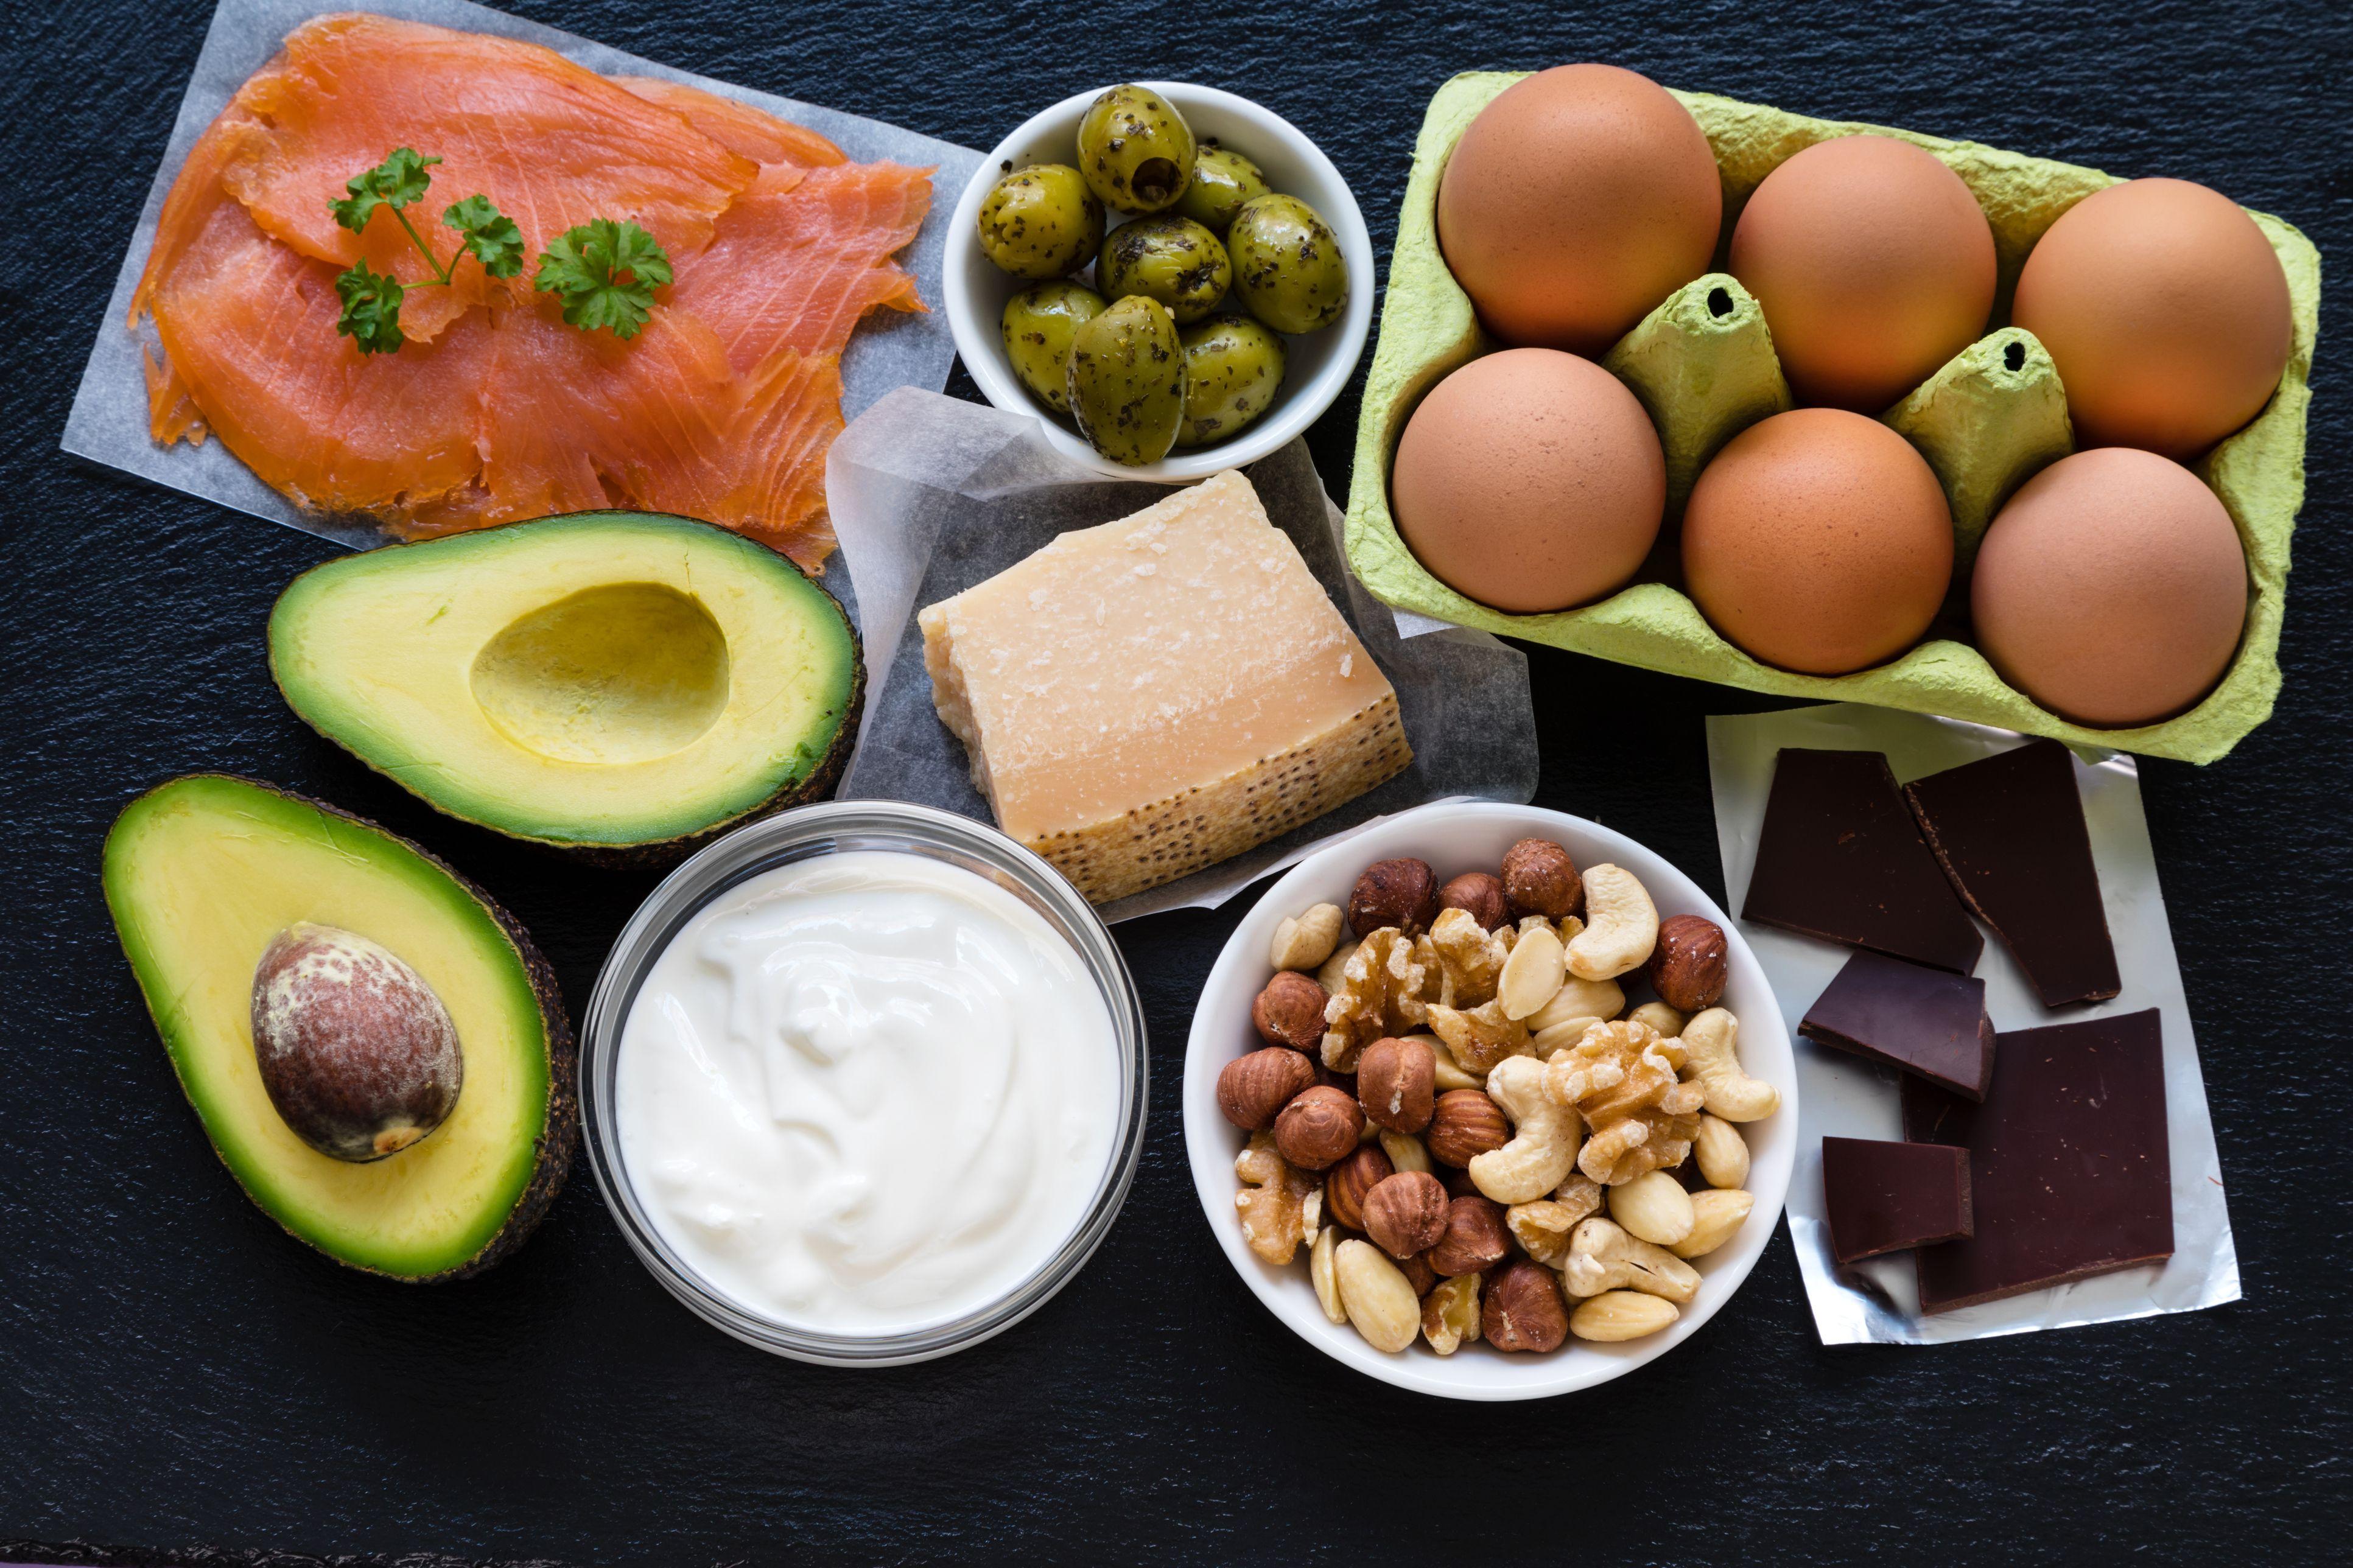 Ways to start your diet